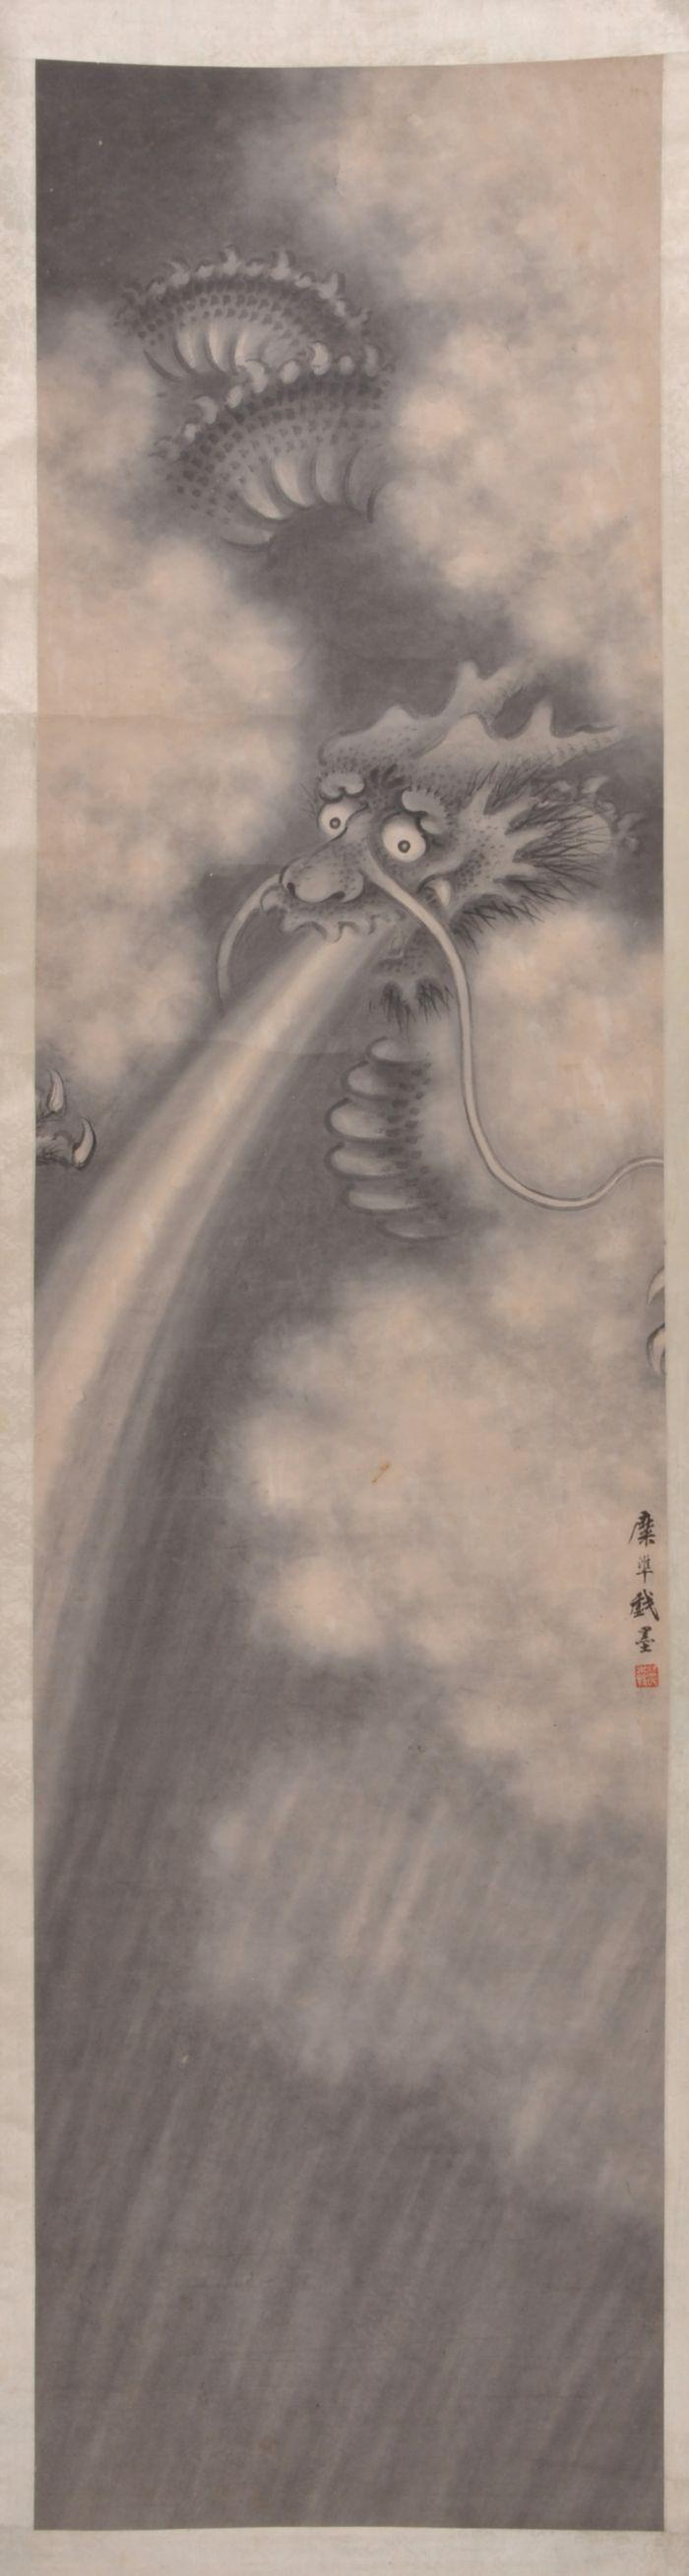 清 糜凖 墨龙图轴